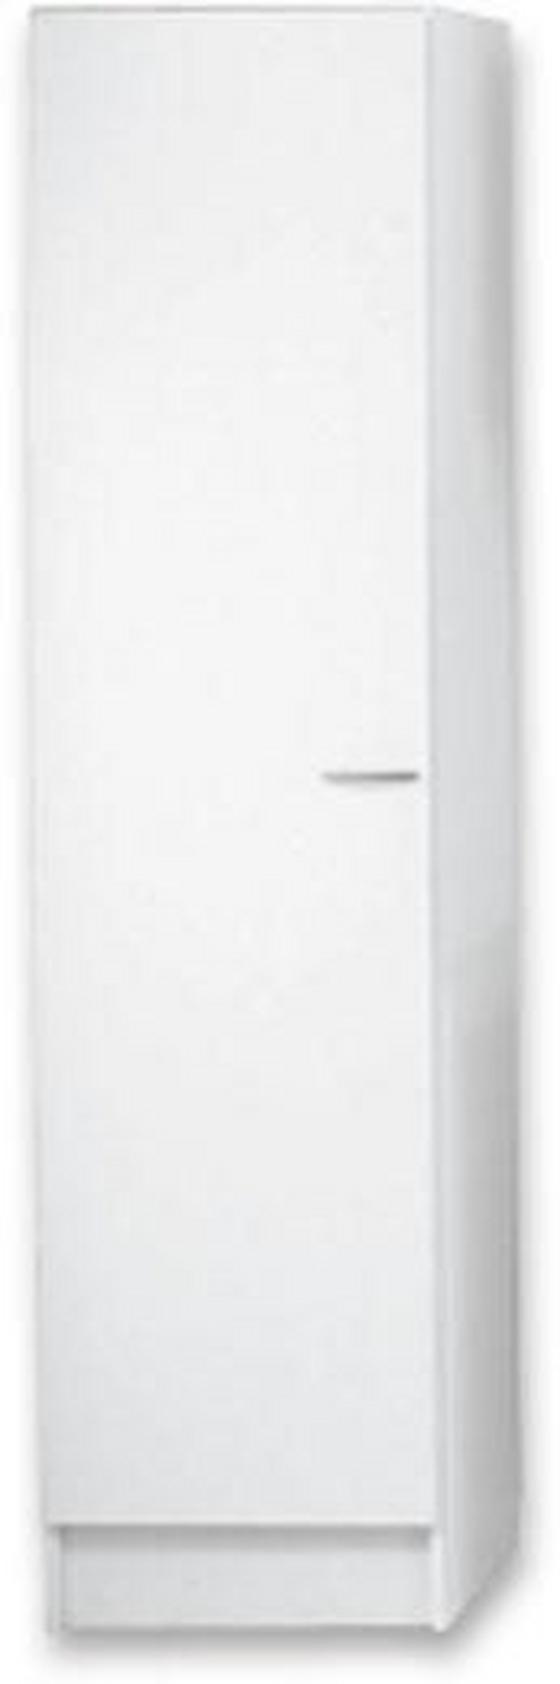 Geschirrschrank Speed 50 cm - Weiß, MODERN, Holzwerkstoff (50/200/47cm)